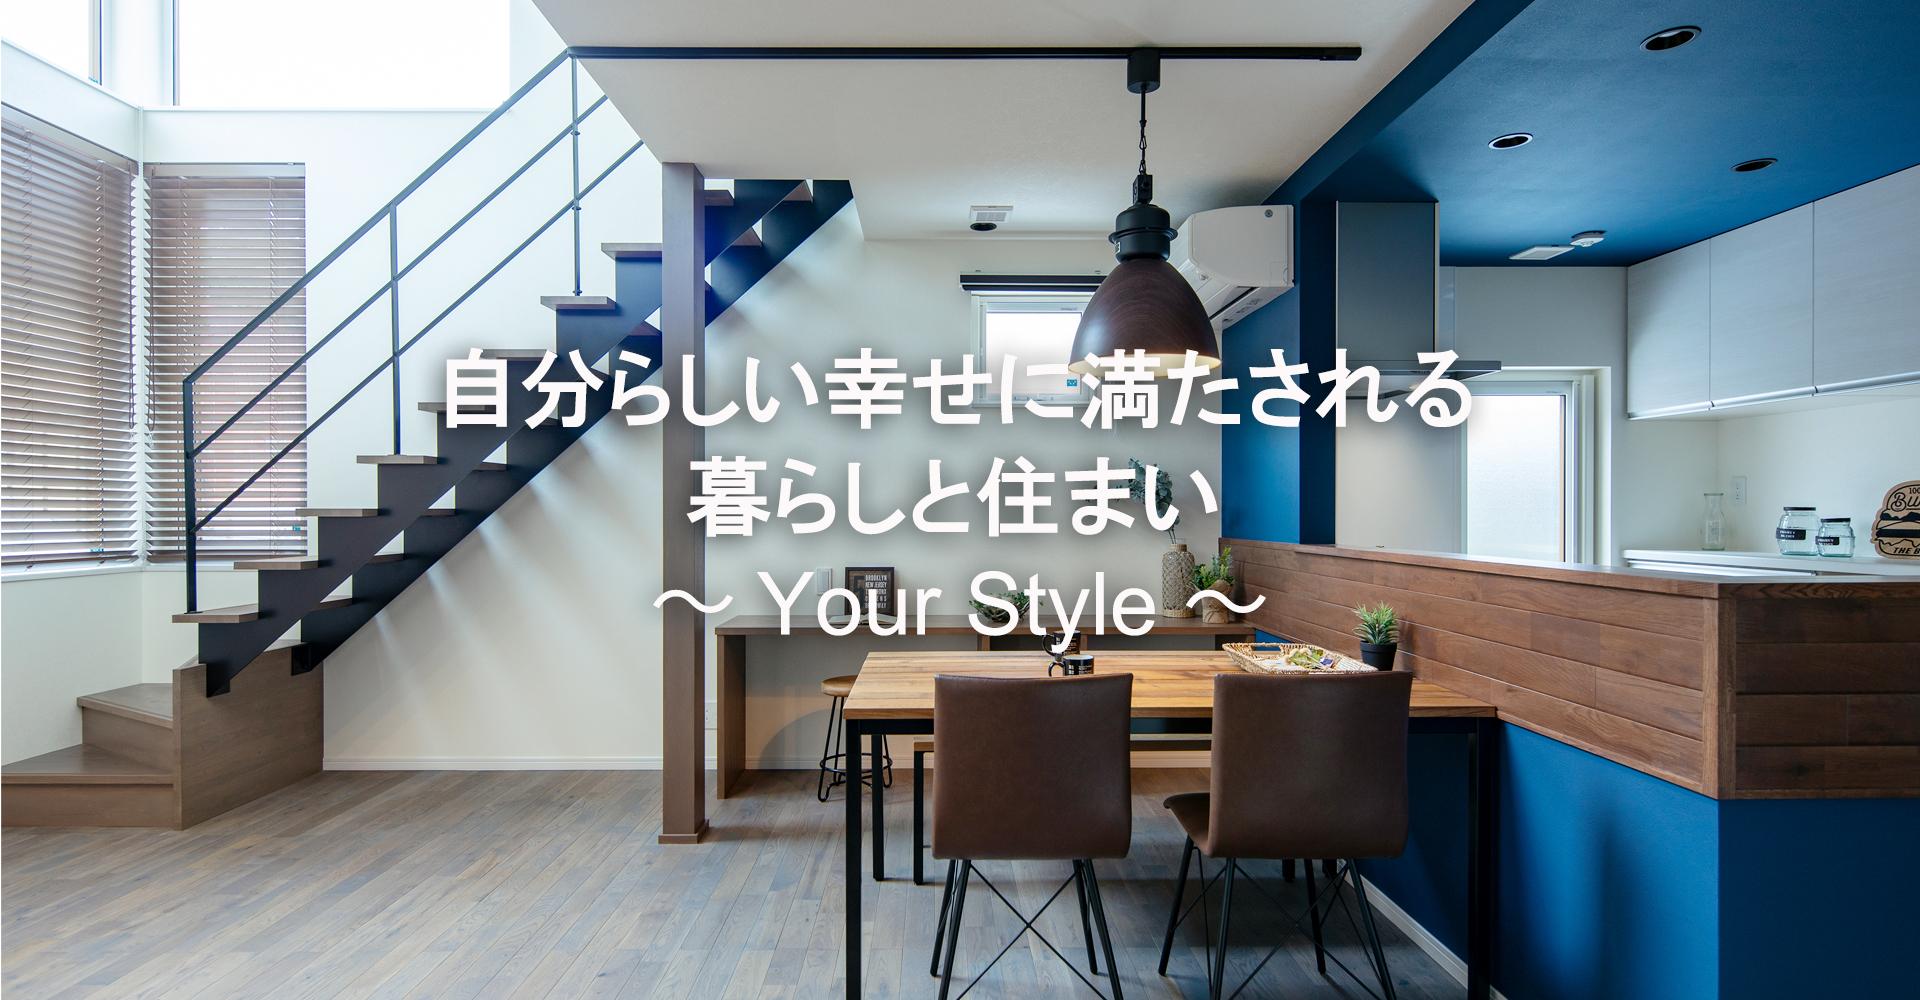 20191105~i-fit+~ 自分らしい幸せに満たされる 暮らしと住まい ~Your Style~